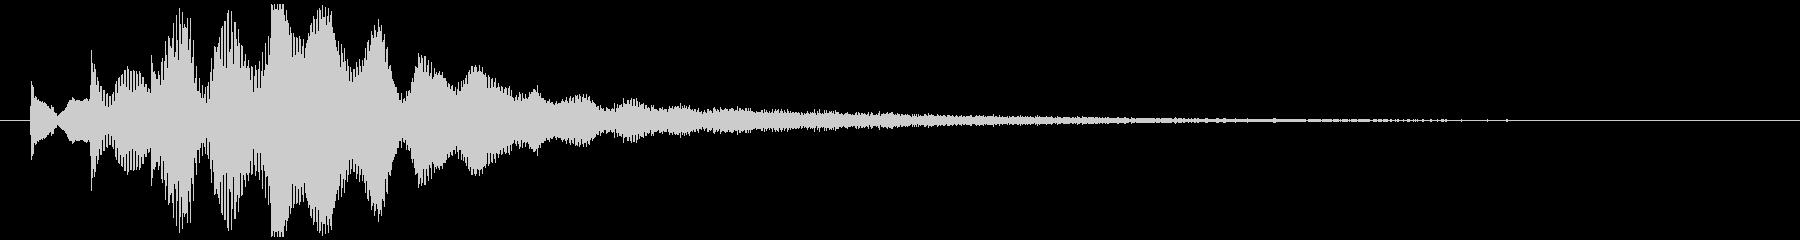 起動音 シンプル クール システムオン5の未再生の波形